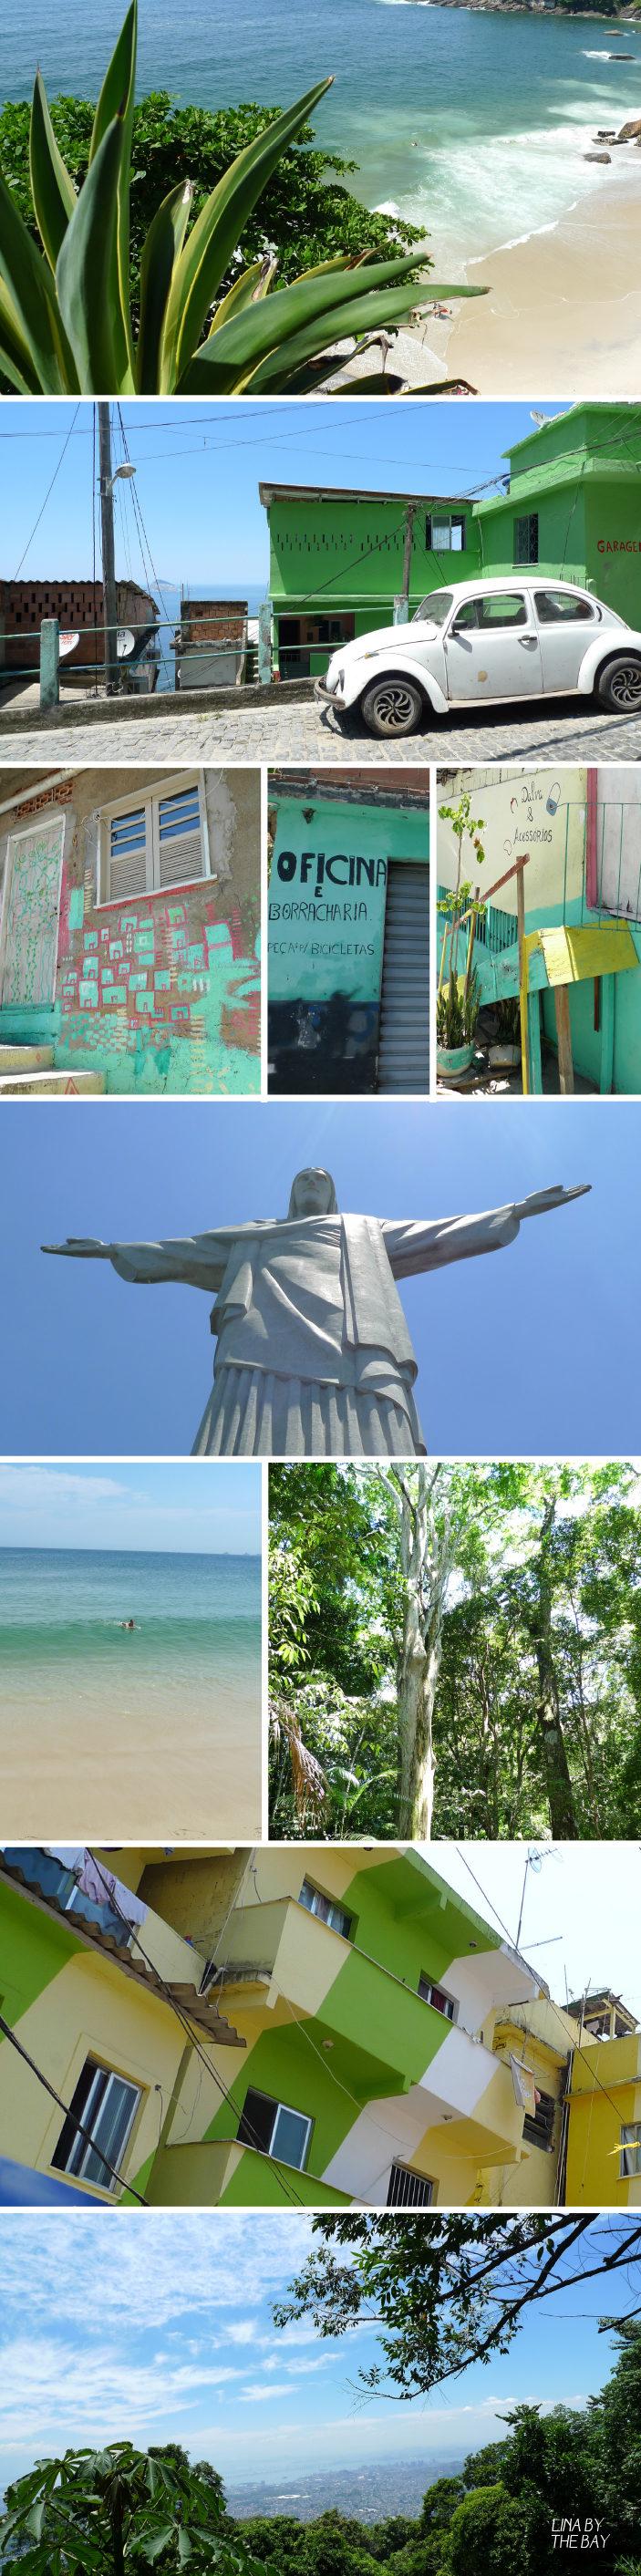 17 dagar i Rio de Janeiro